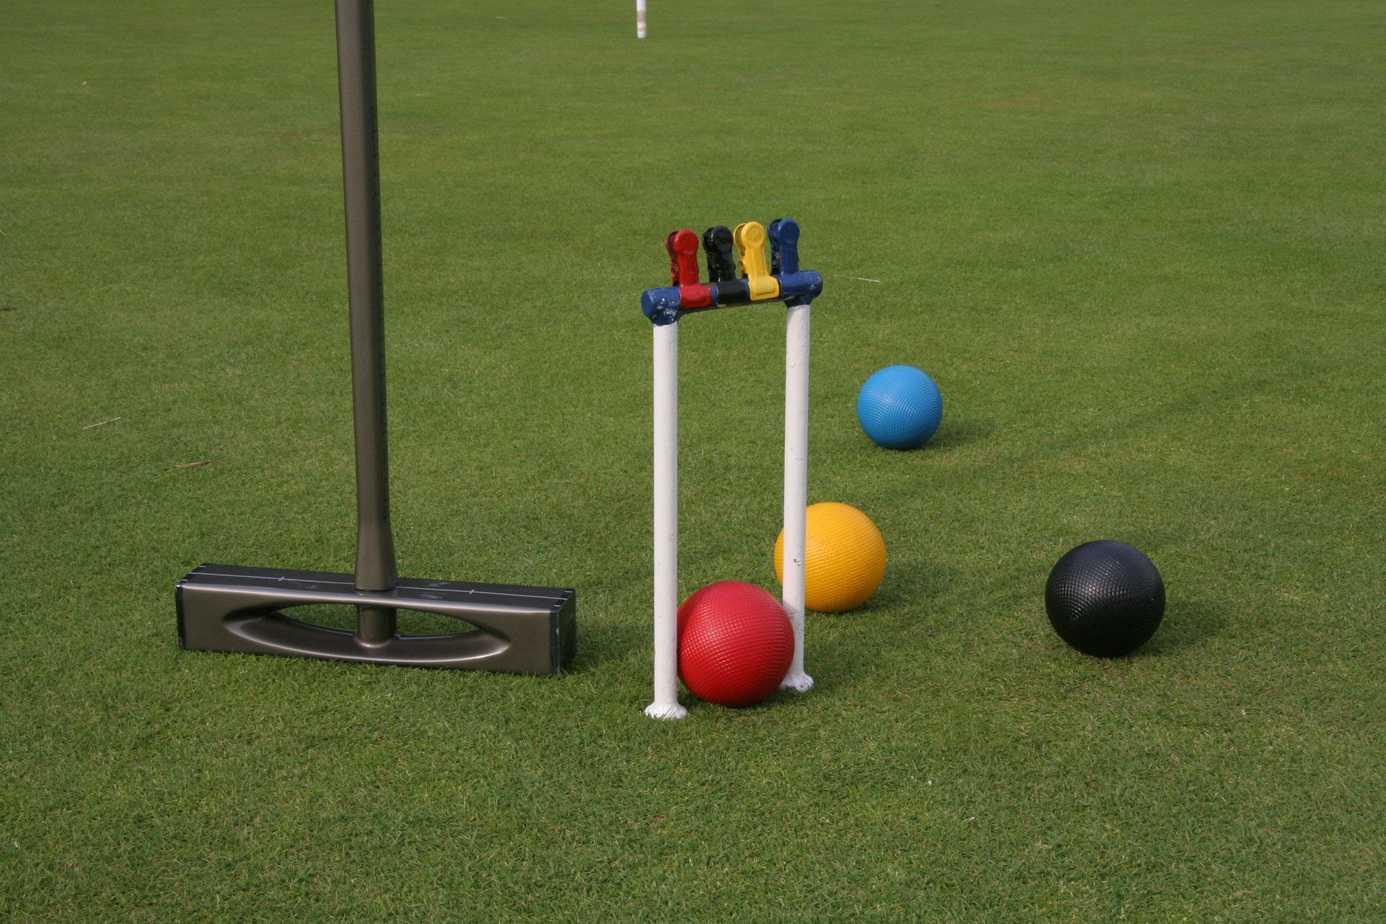 Croquet balls lying on a well-trimmed garden lawn